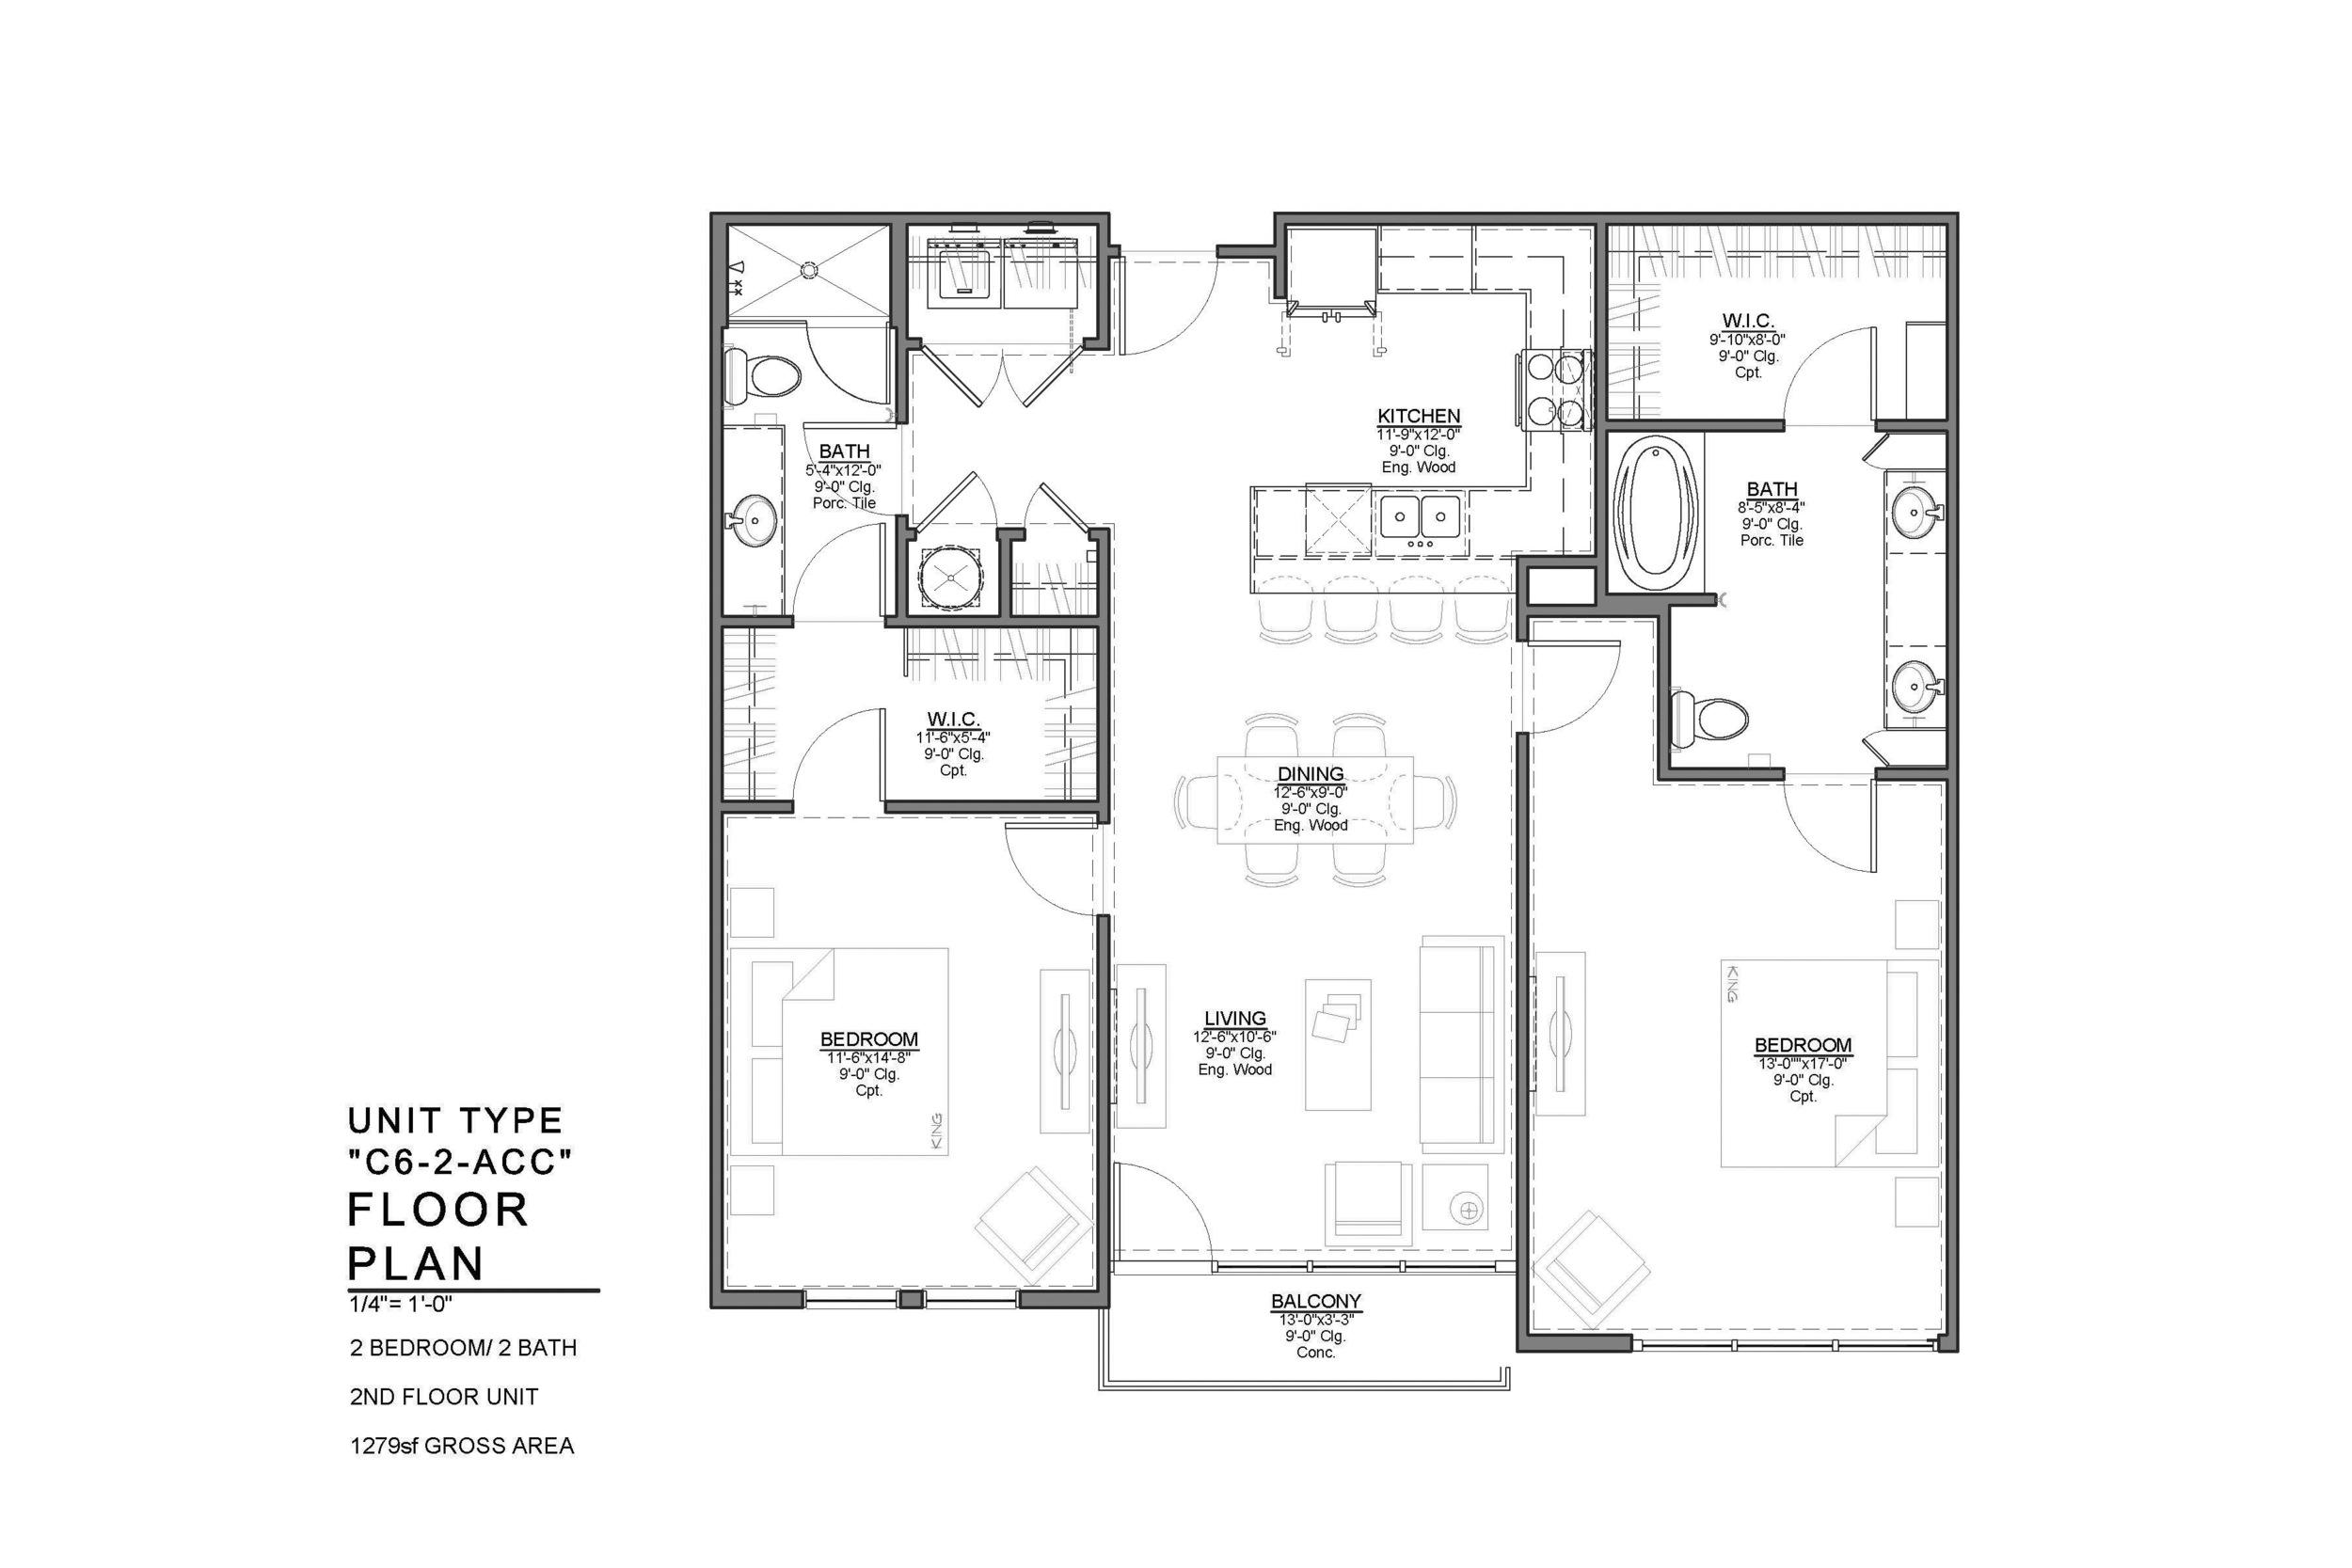 C6-2-ACC FLOOR PLAN: 2 BEDROOM / 2 BATH